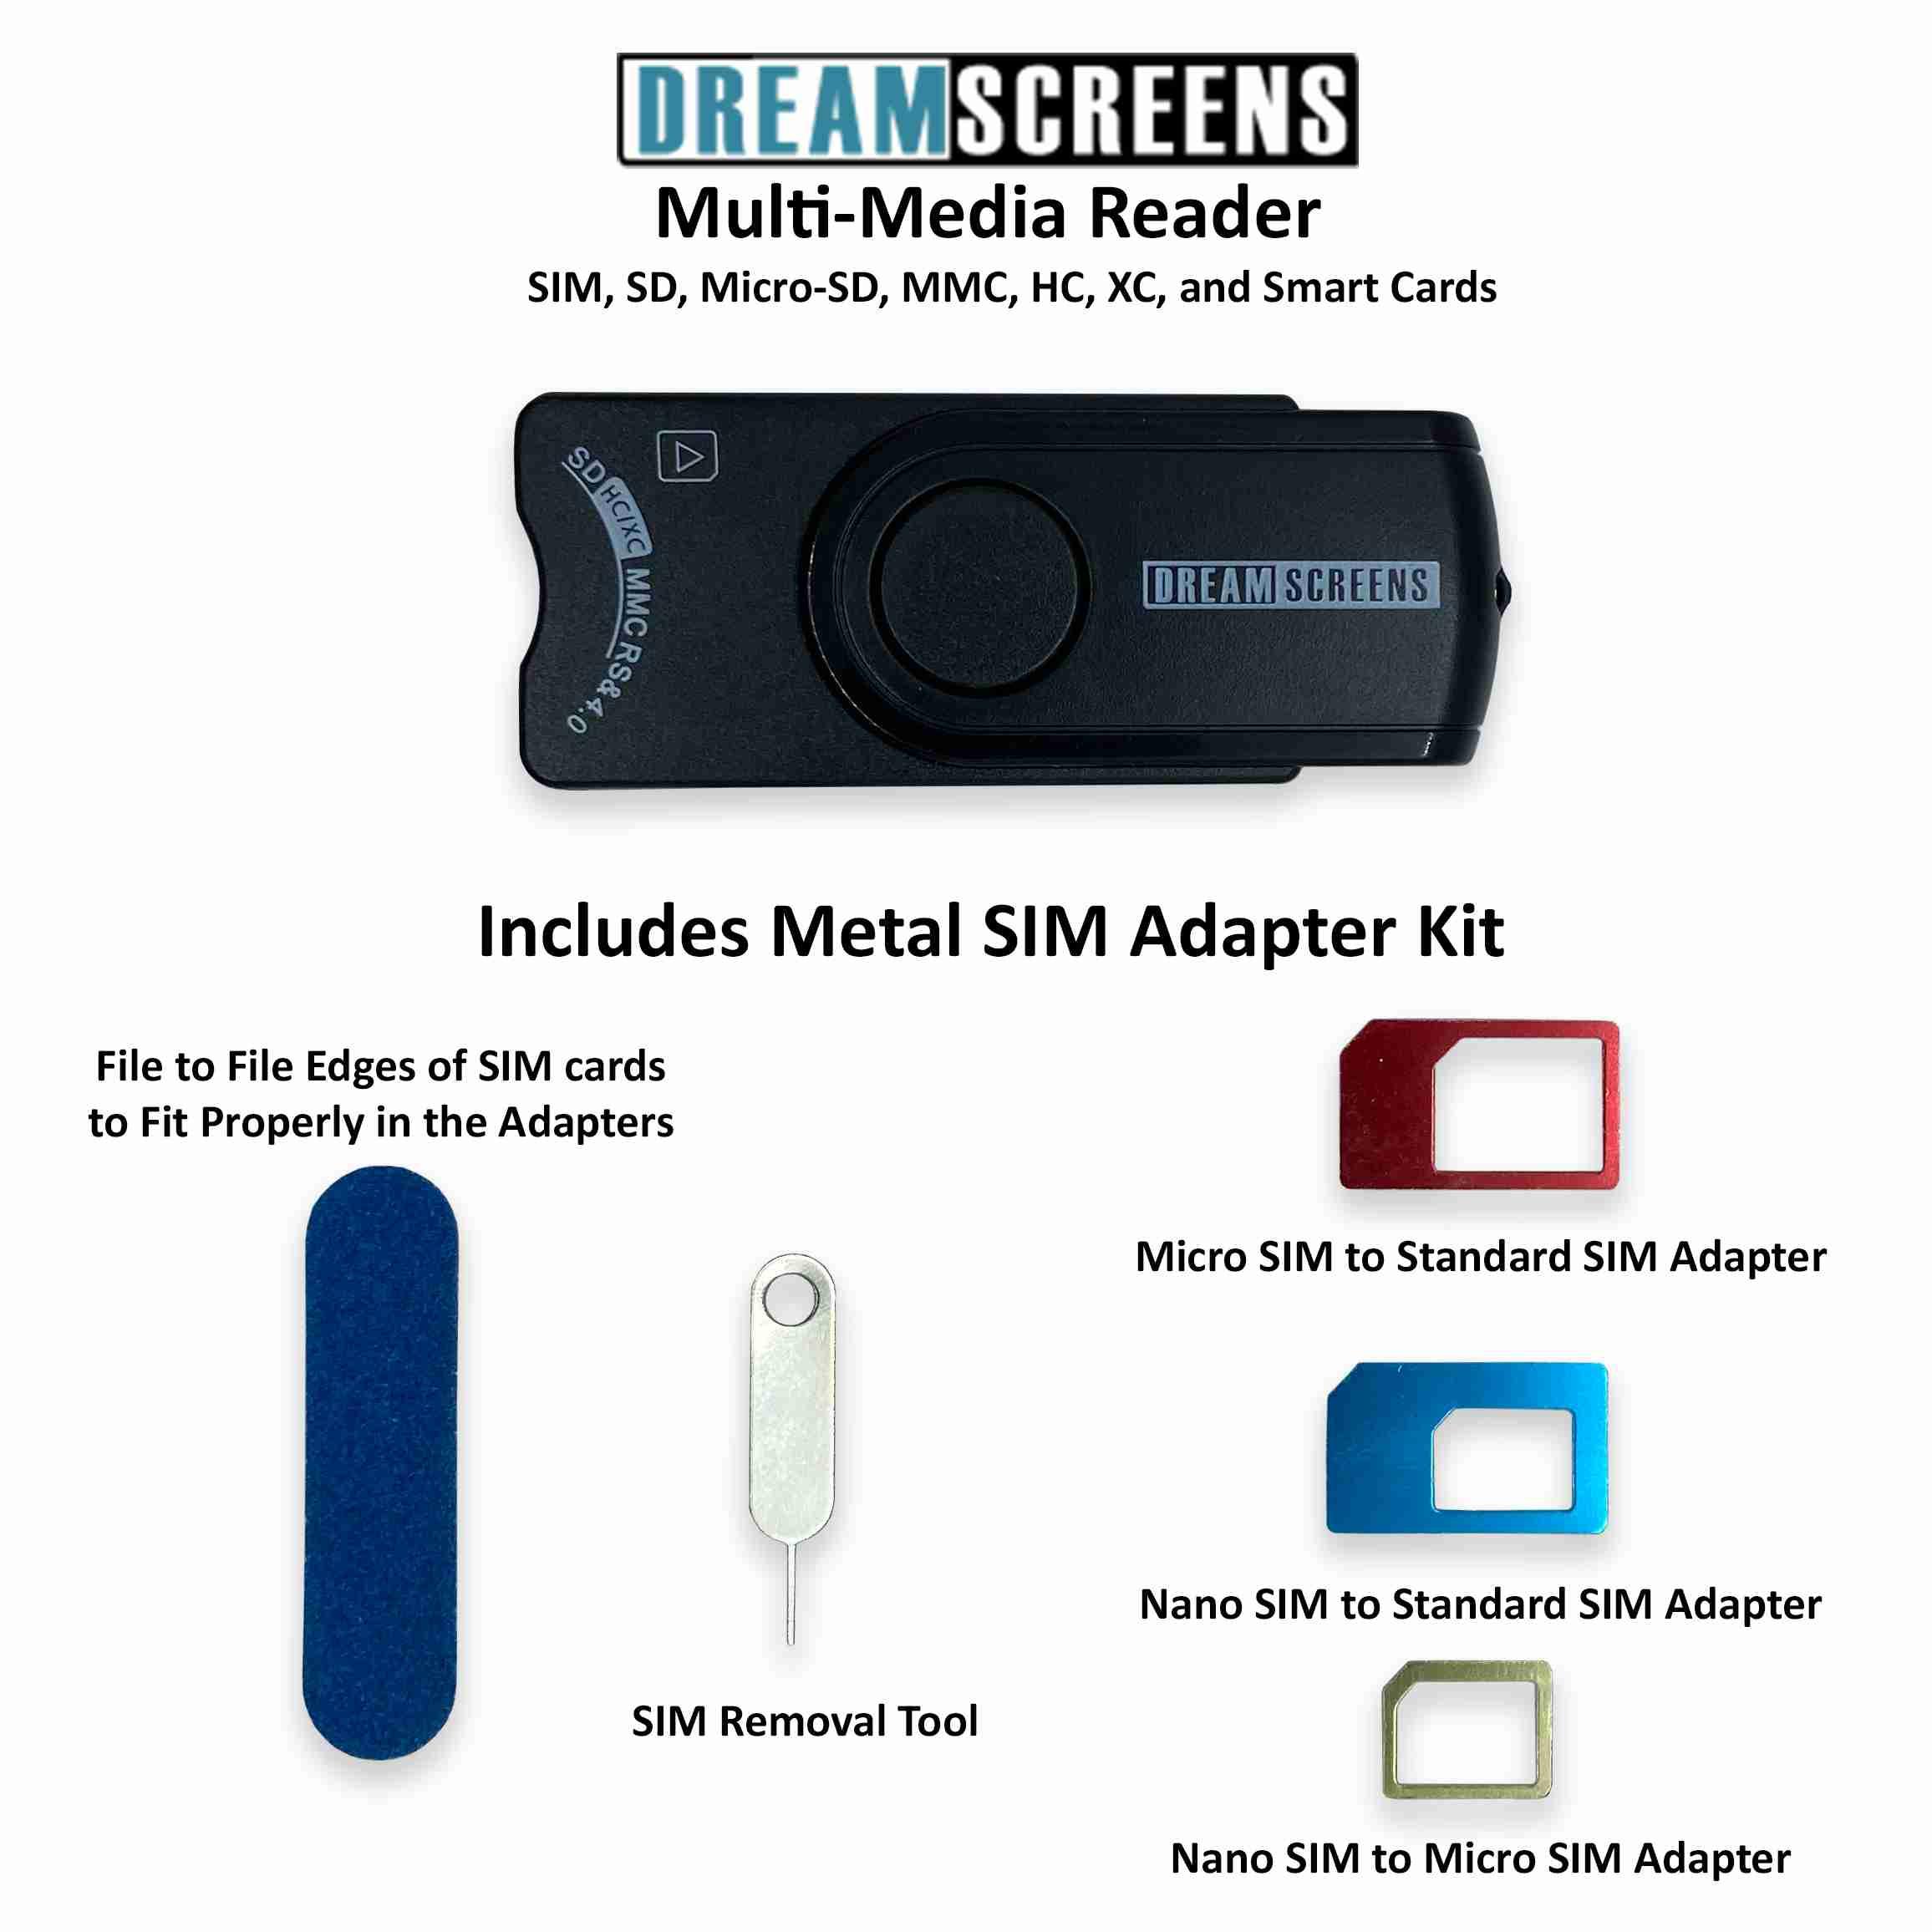 dreamscreens-sim-reader with discount code